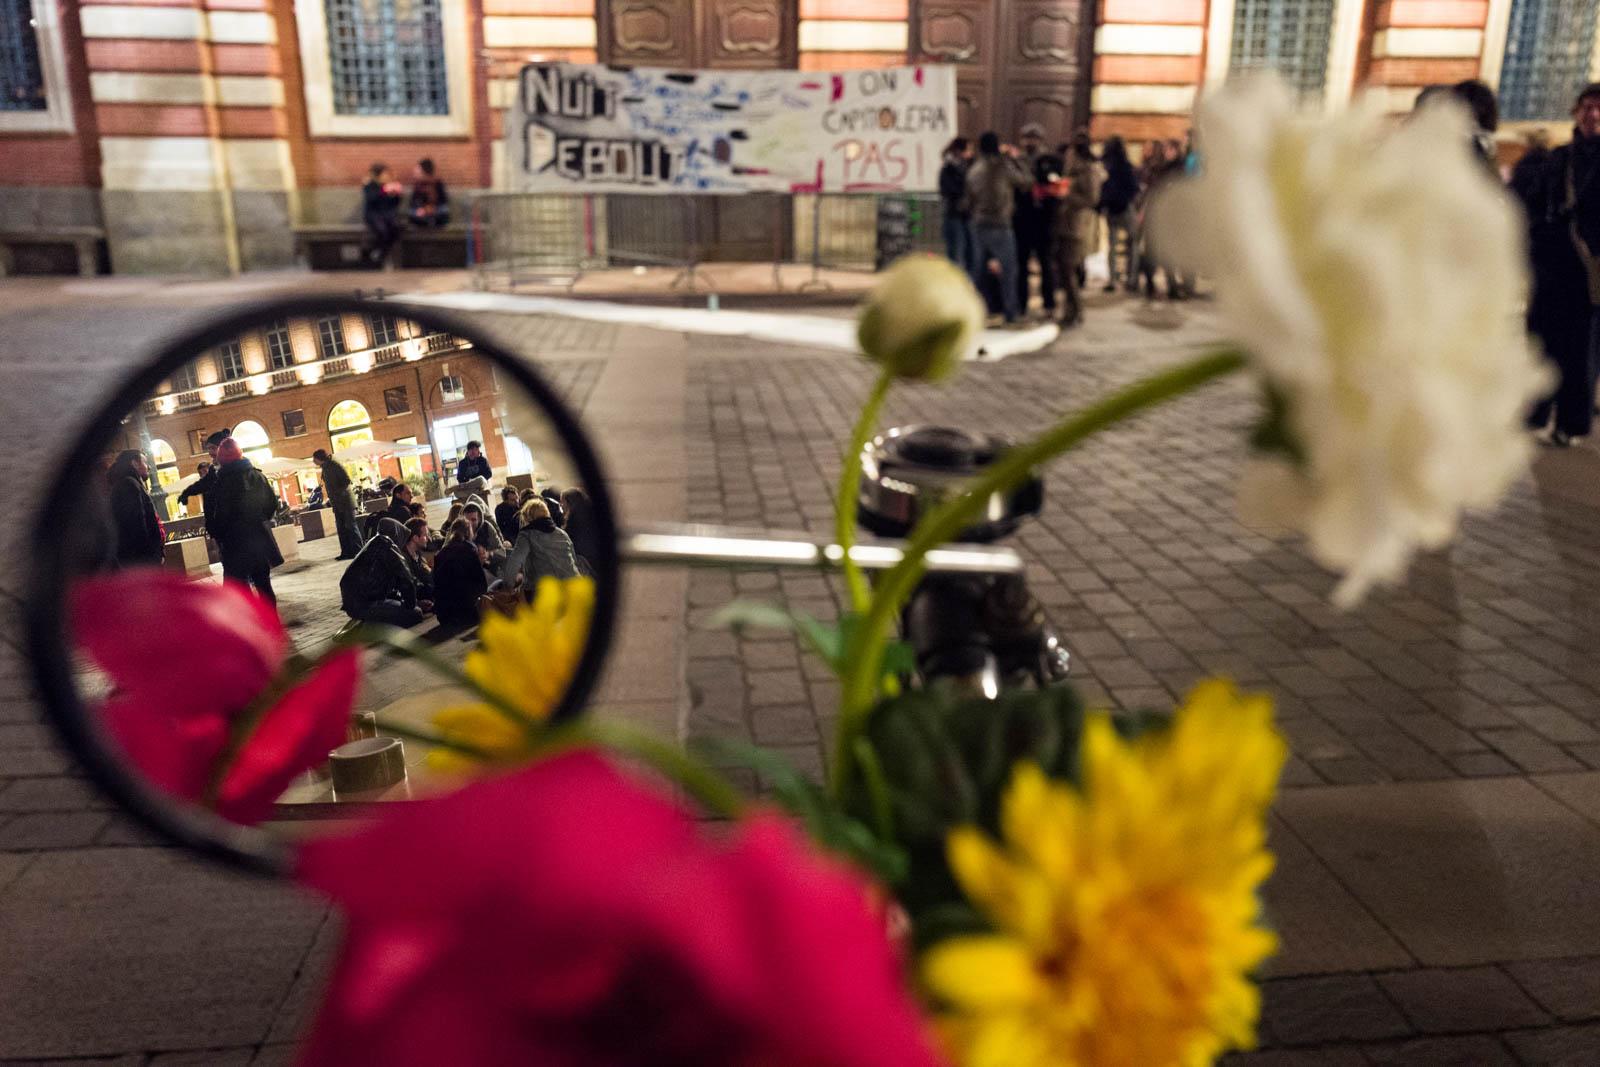 Rassemblement NUIT DEBOUT sur la place du Capitole. Depuis le 31 mars des personnes se sont installées sur différentes grandes places dans des villes de l'hexagone la nuit.  Ces rassemblements pacifiques, appellés NUIT DEBOUT sont ouverts et populaires, ils visent à réinvestir l'espace public pour échanger, débattre et construire, la Place du Capitole est occupée depuis le 5 avril. 8/04/2016, Toulouse-France.